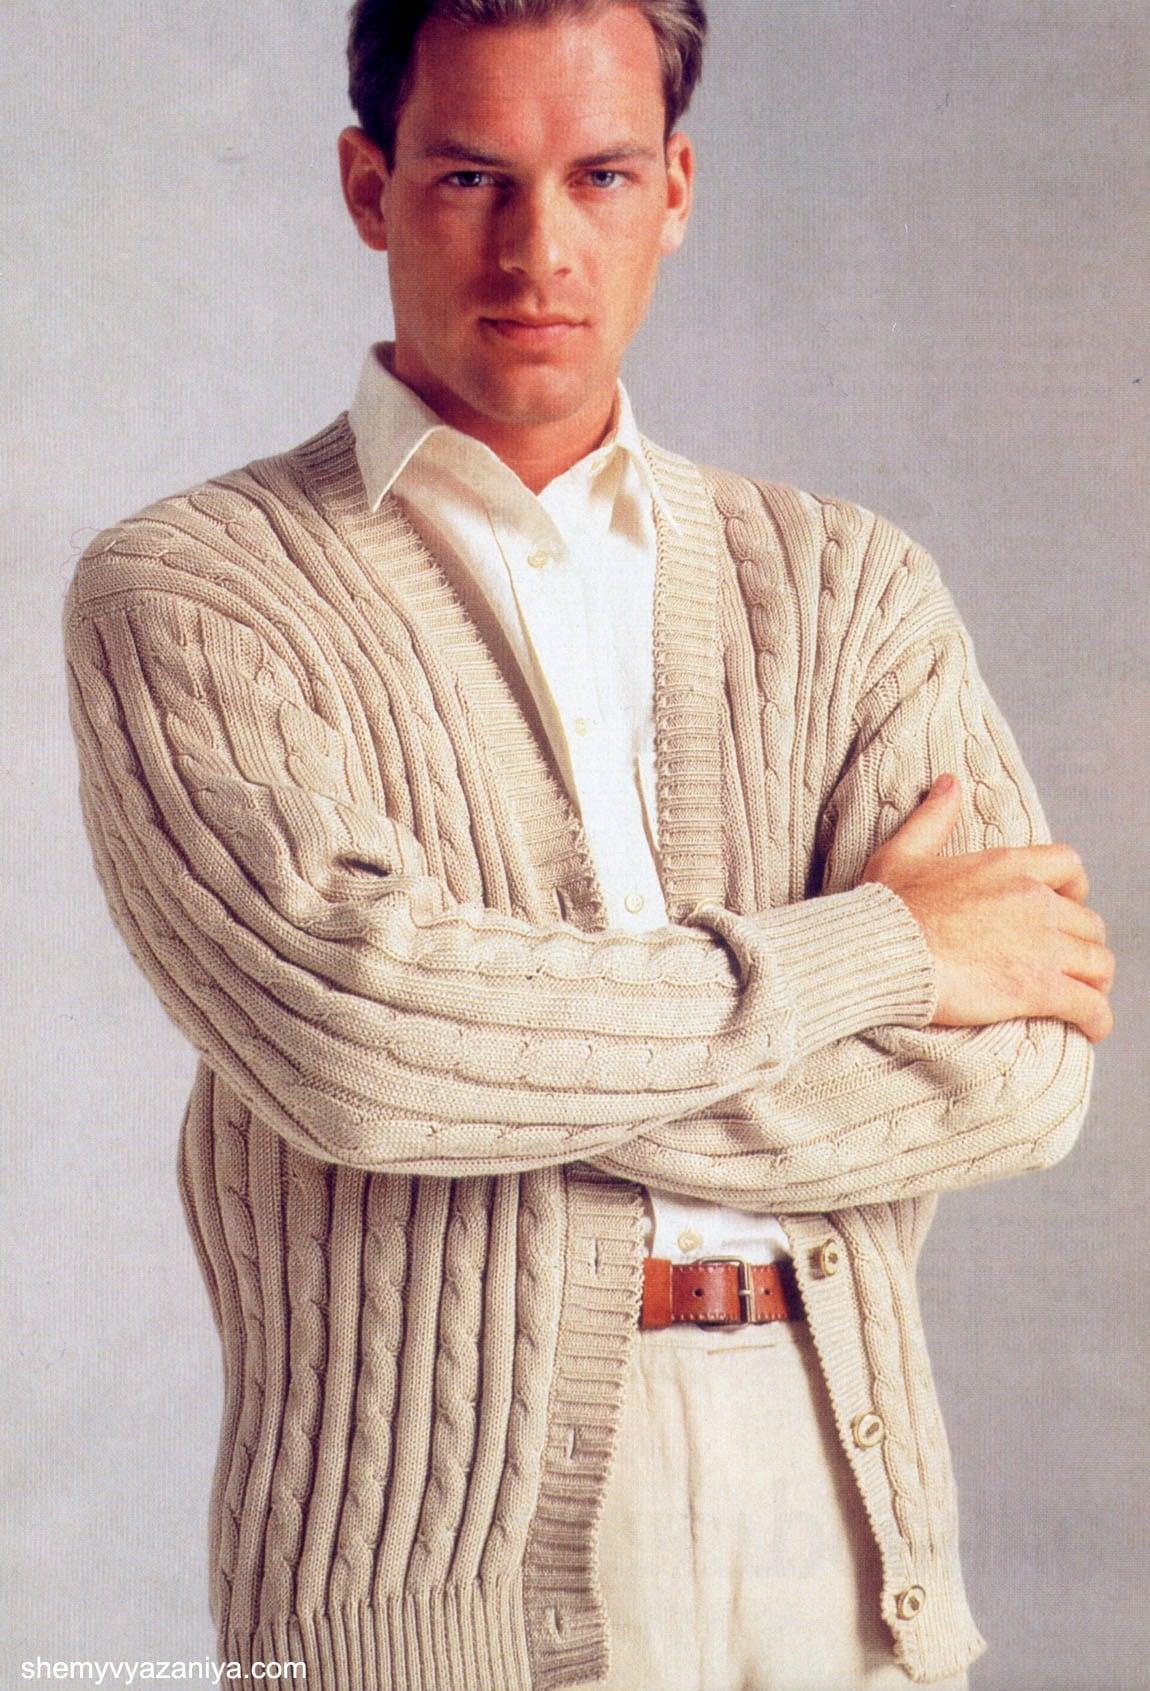 Мужской пуловер спицами и шарф описание вязания, схемы вязания.